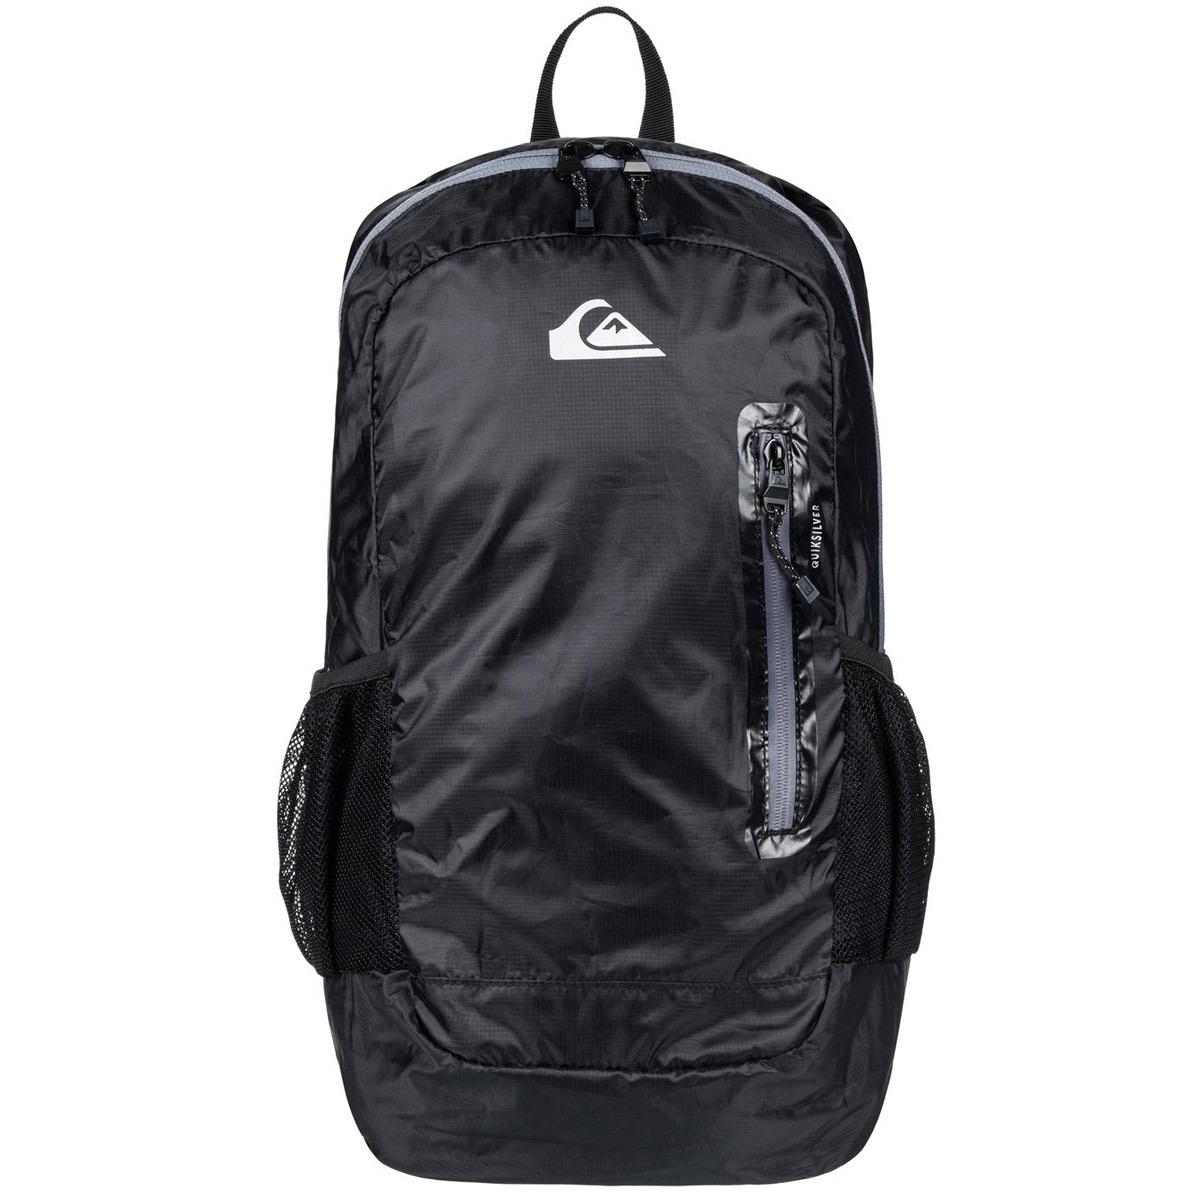 af709e213 Mochila Quiksilver Octo Packable - Cut Wave - R$ 179,90 em Mercado Livre